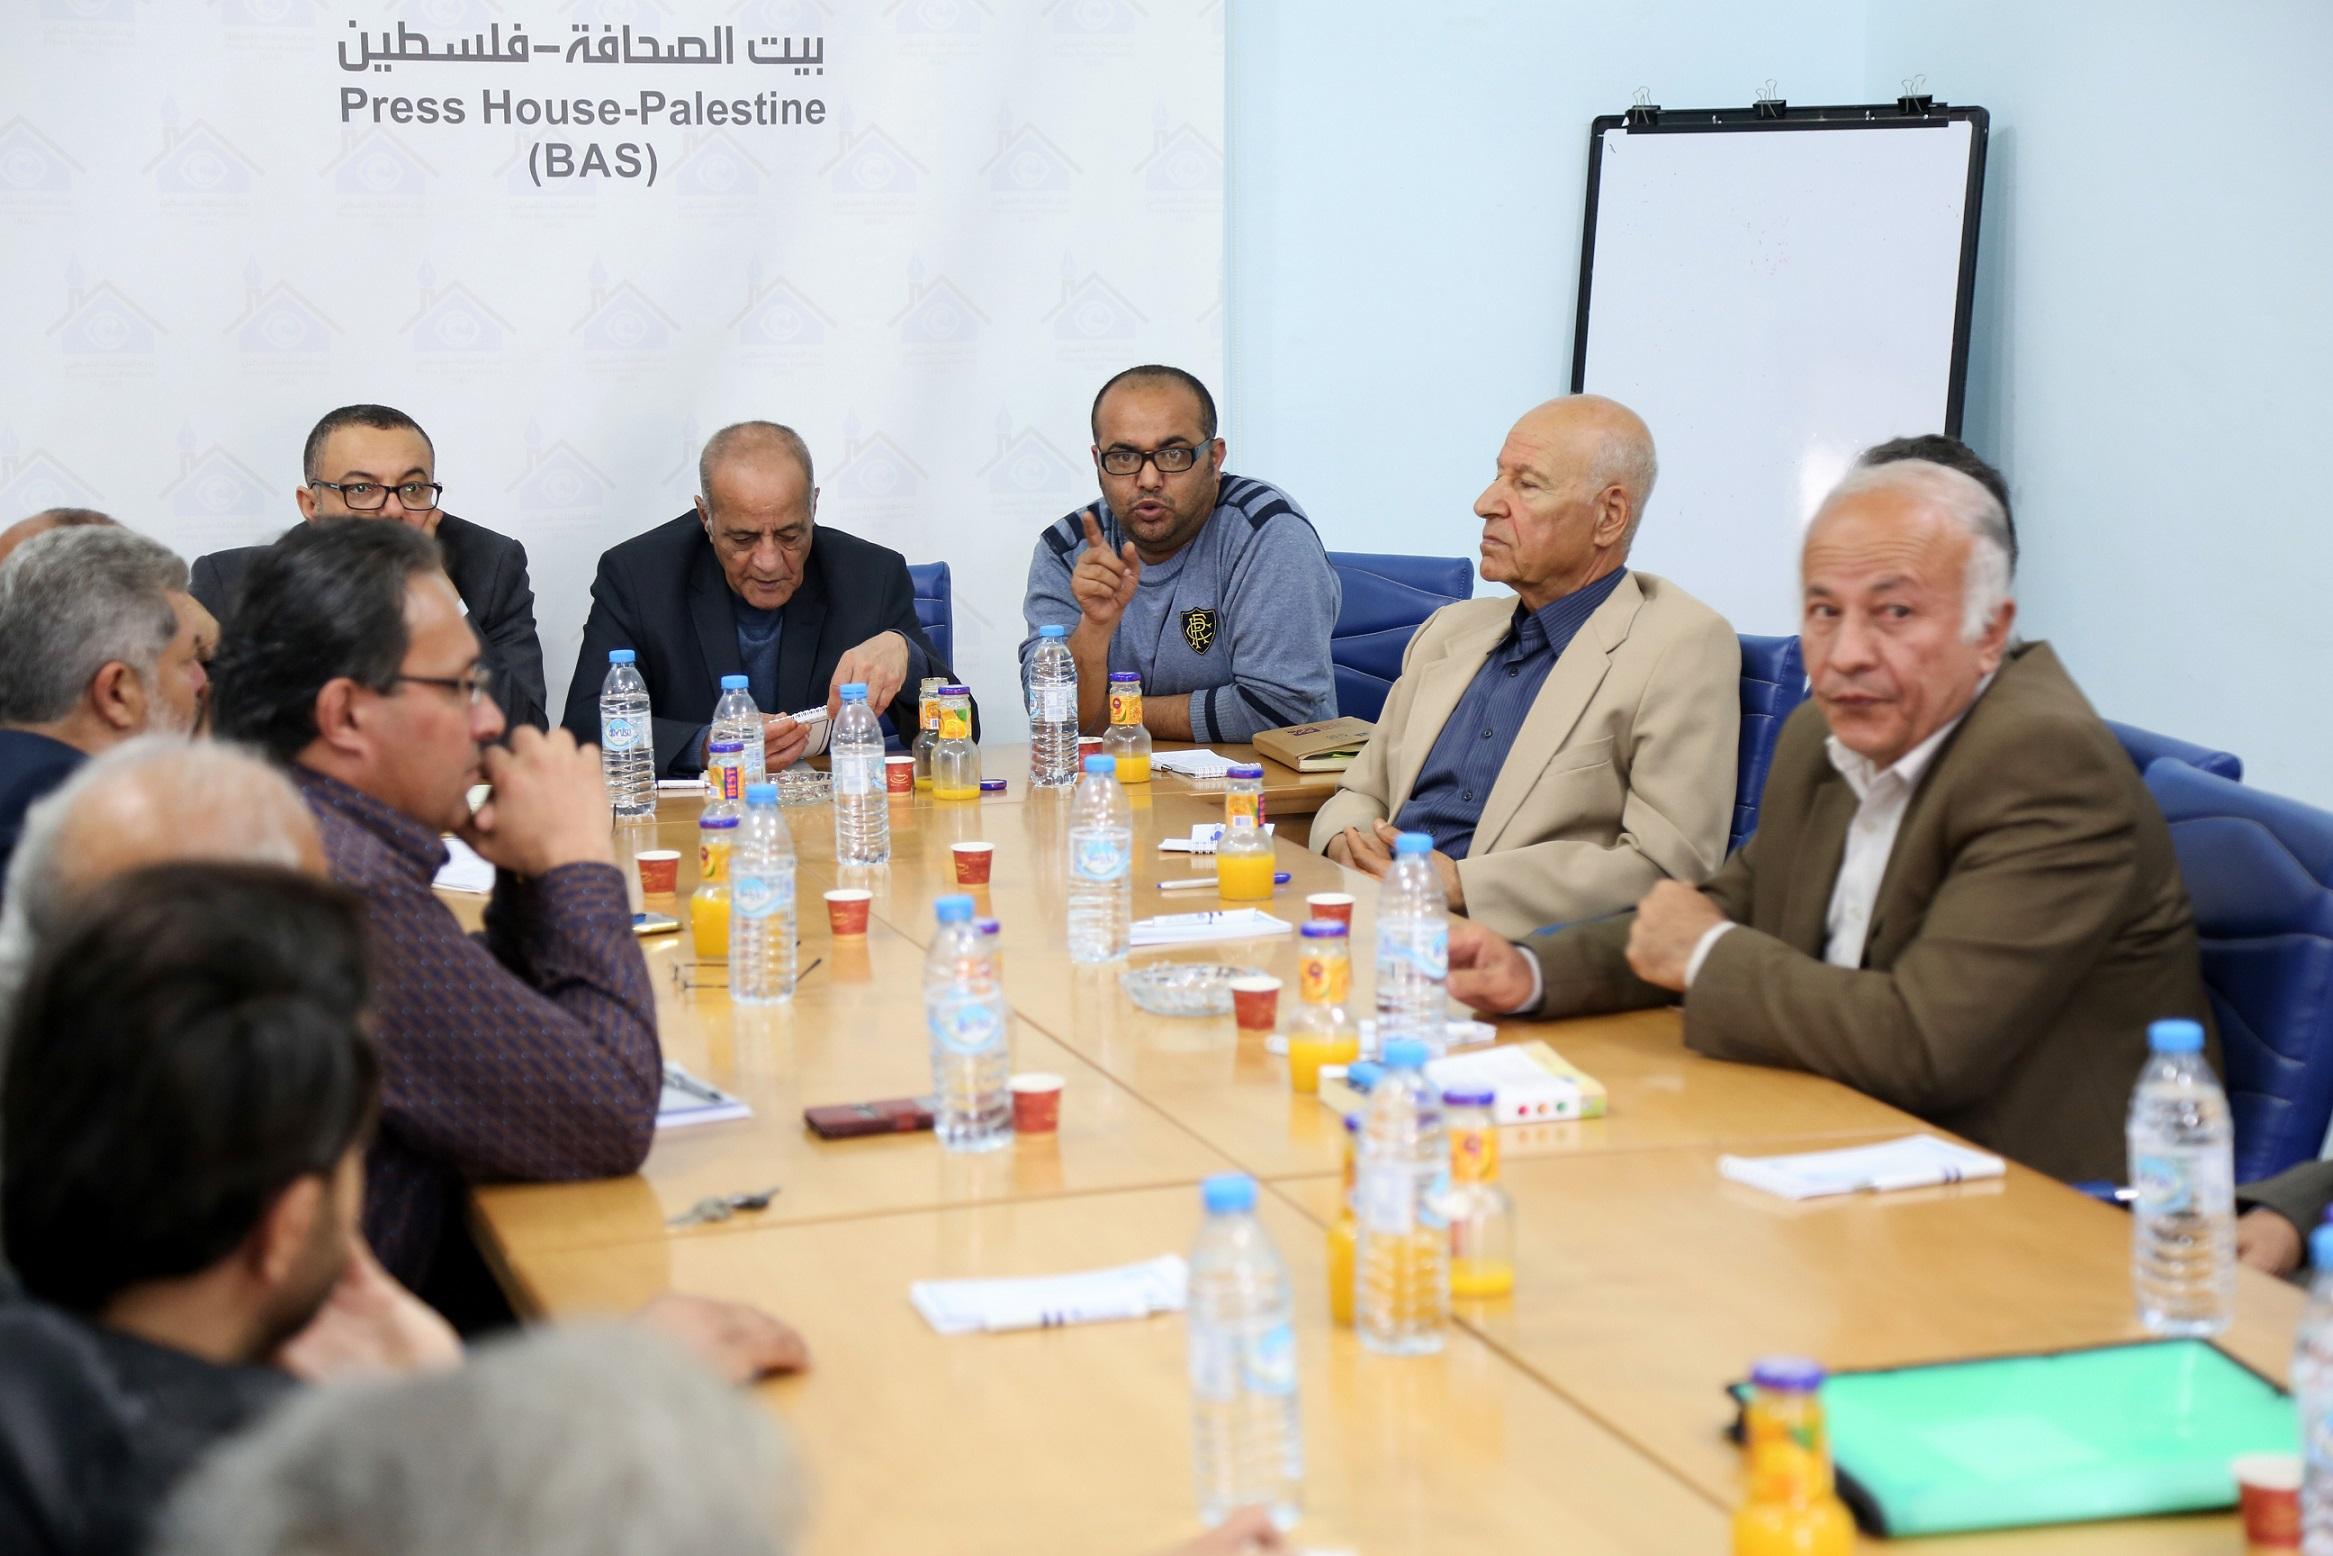 كتُاب غزة يحتفلون باليوم العالمي للكتاب وحقوق المؤلف في بيت الصحافة